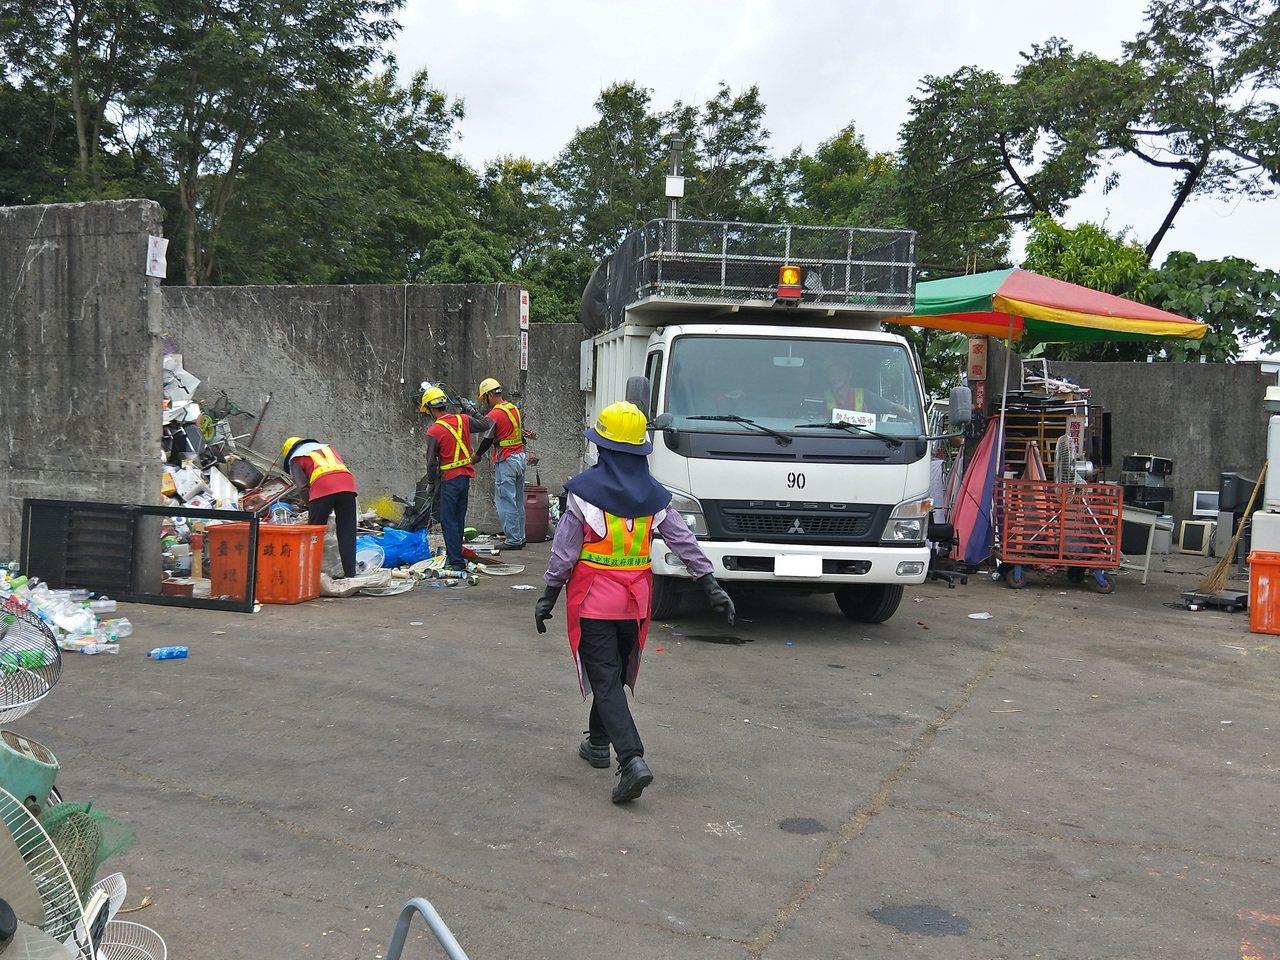 台中市太平區清潔隊的資源垃圾回收細分34項,因分類細又清楚,回收商就願意以較好價...